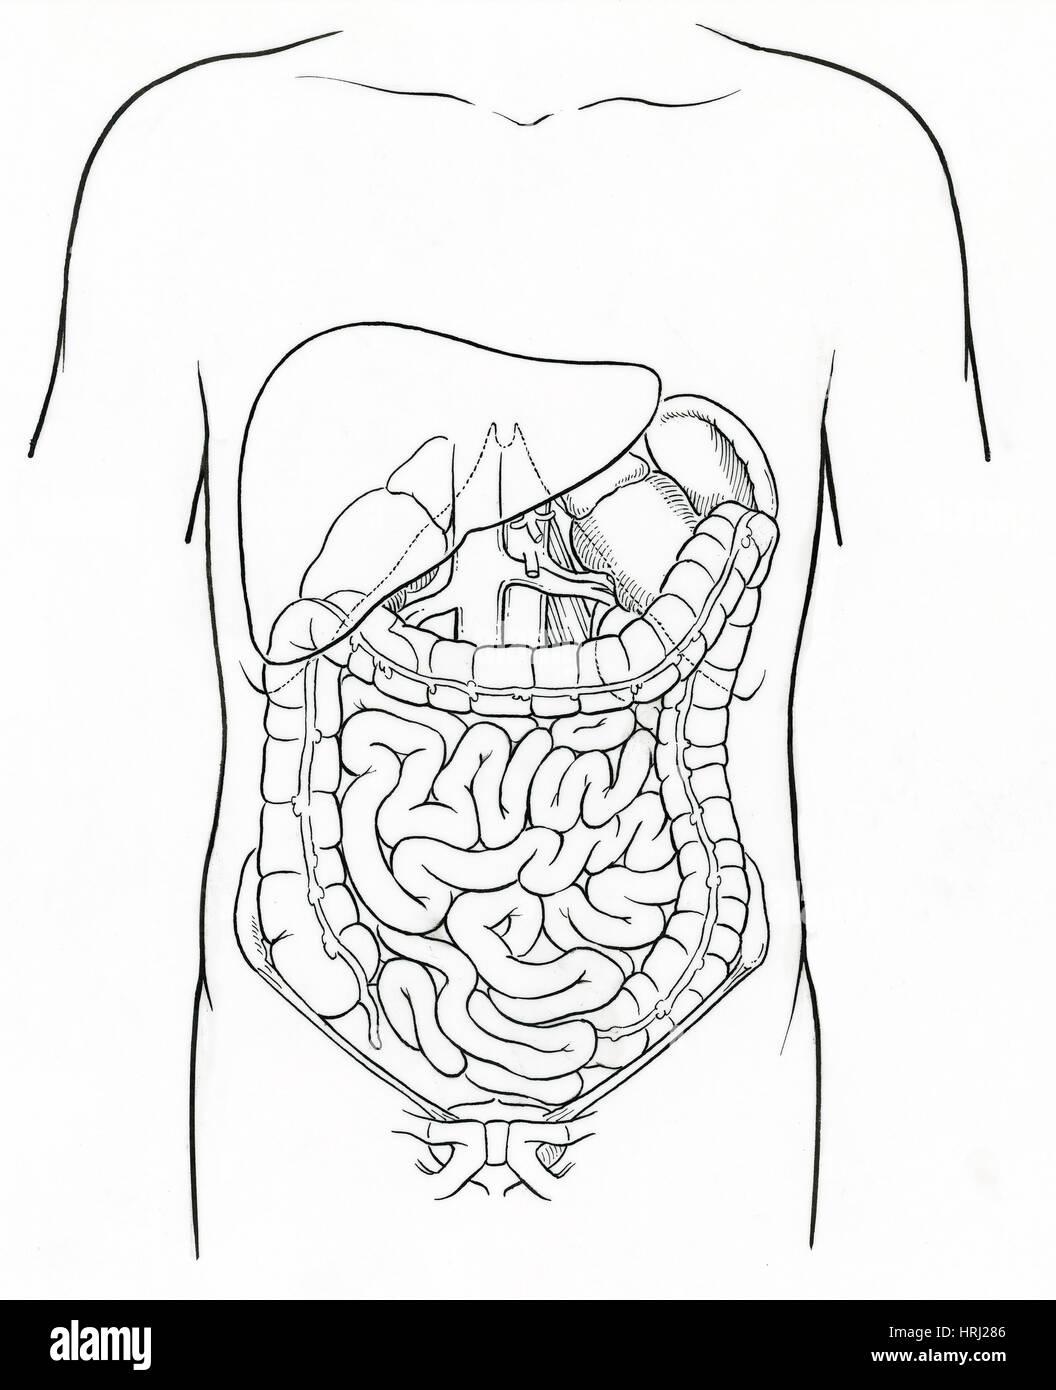 Illustrazione dell'addome Immagini Stock